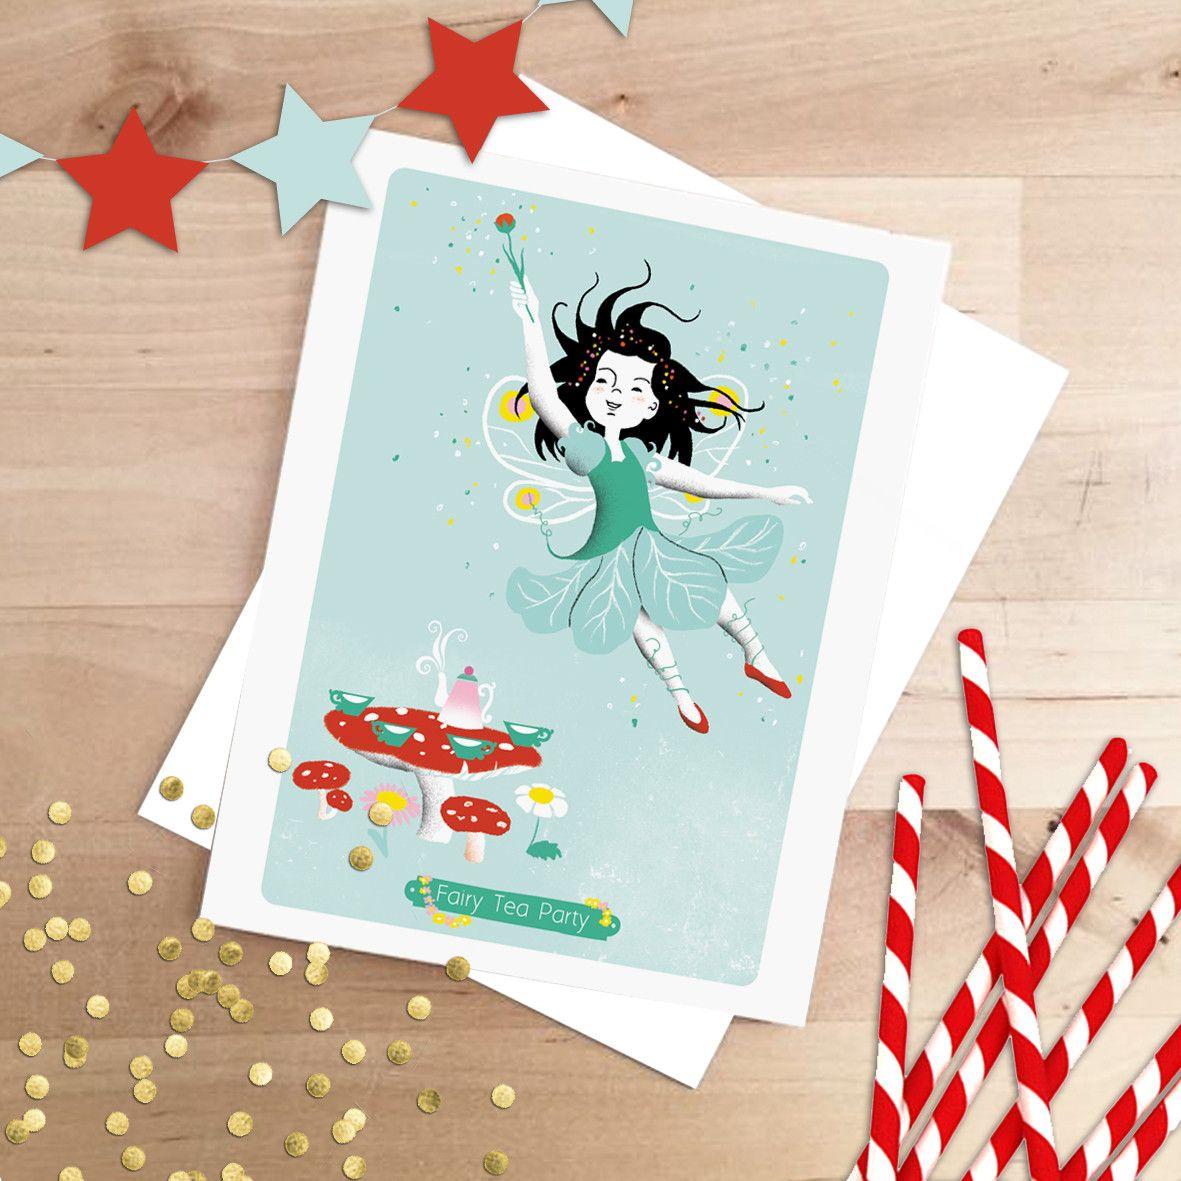 Carton d'invitation anniversaire - Fée   Invitation anniversaire, Carton invitation, Invitation